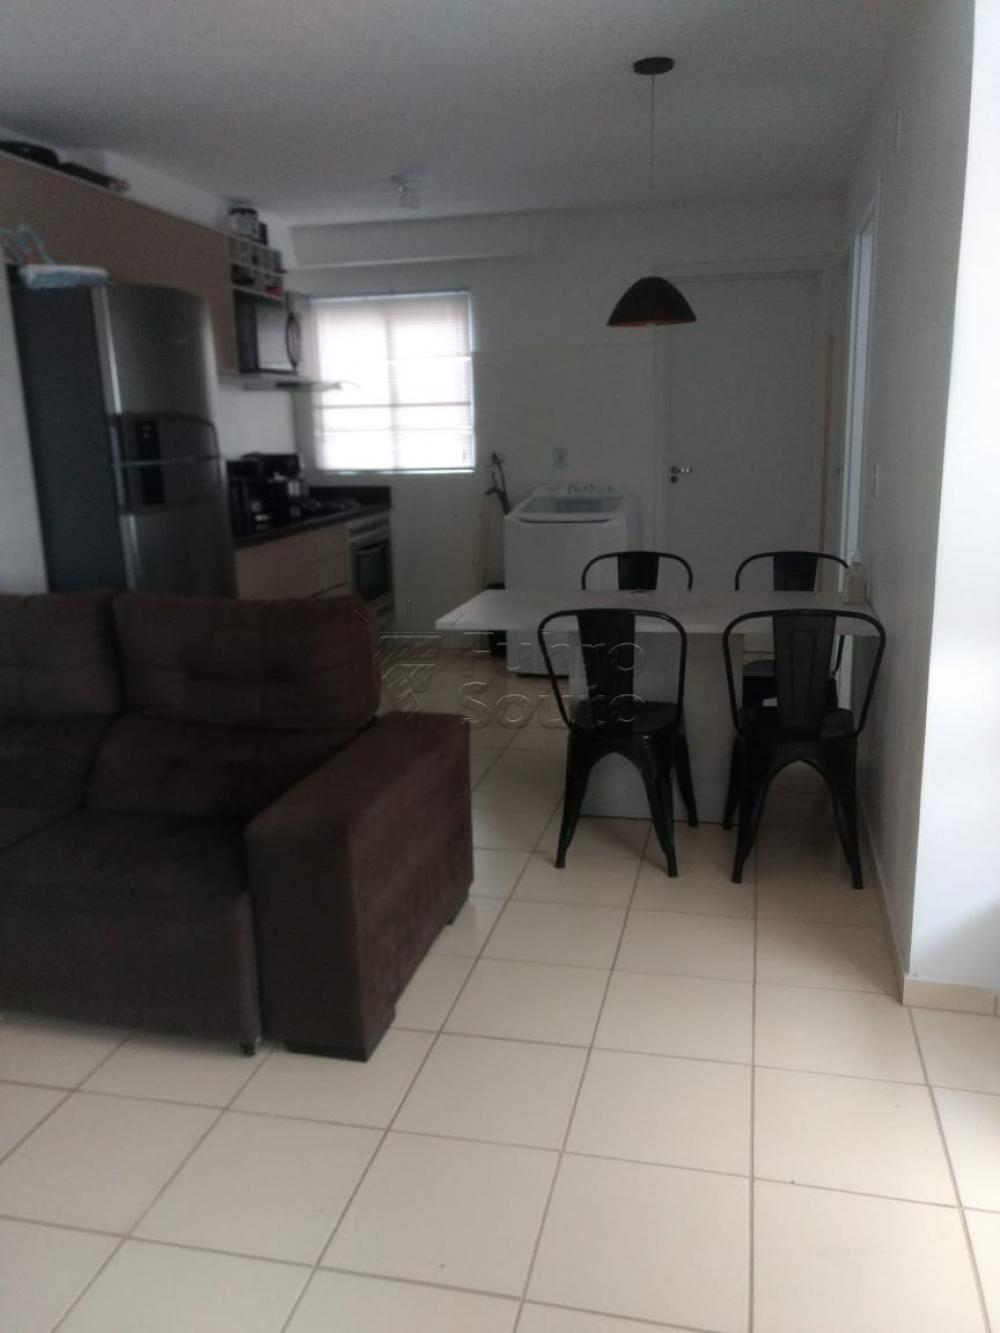 Comprar Apartamento / Padrão em Pelotas R$ 130.000,00 - Foto 10